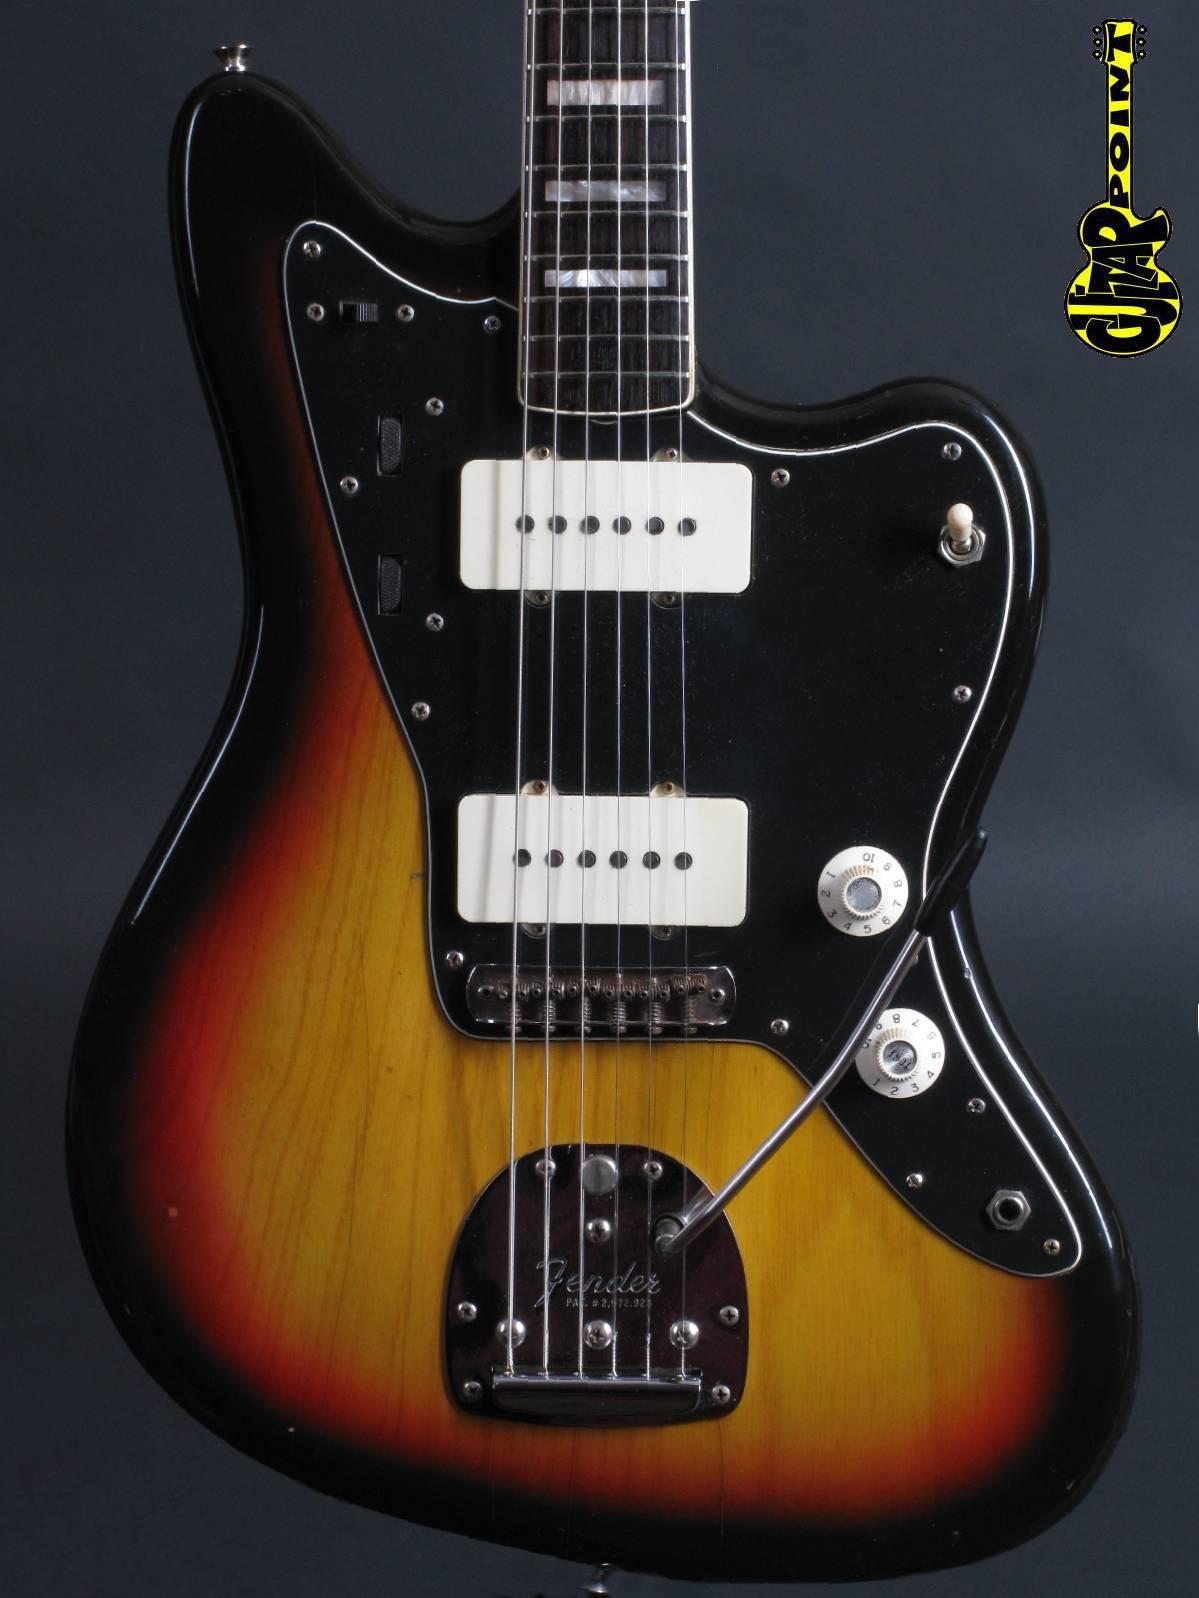 1977 Fender Jazzmaster - 3-tone Sunburst